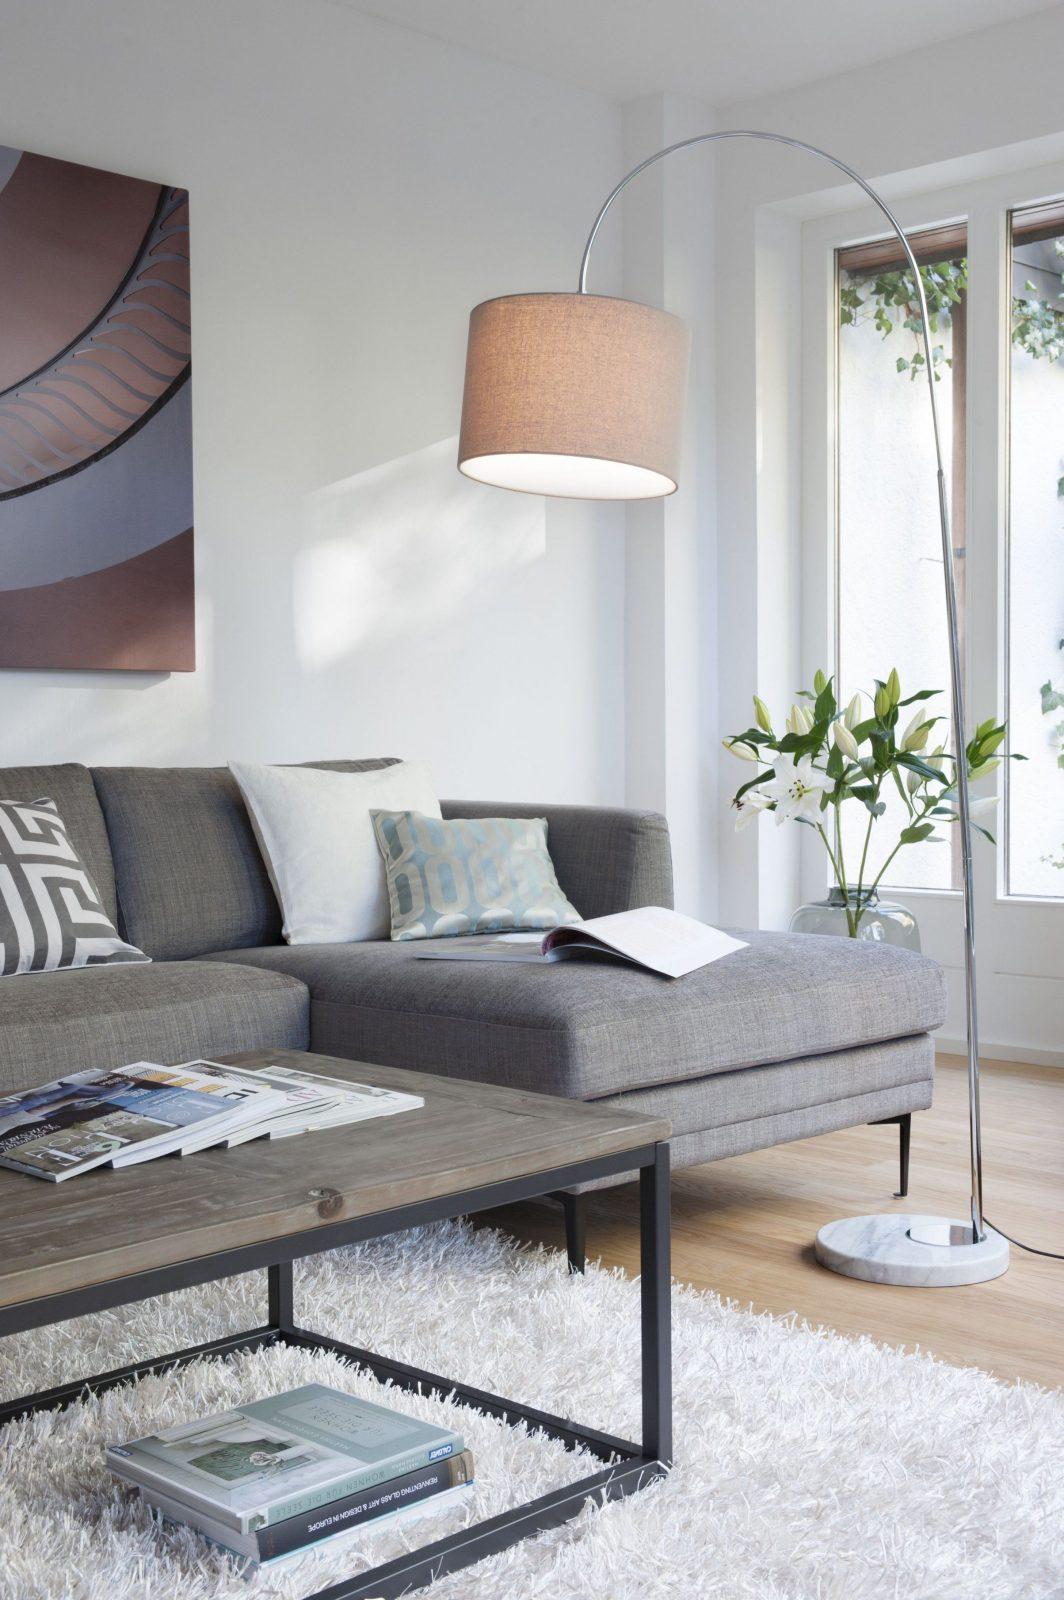 Elegant Zurückhaltend Relaxen Auf Italienisch Geht So Graues von Dunkelgraues Sofa Welche Wandfarbe Bild